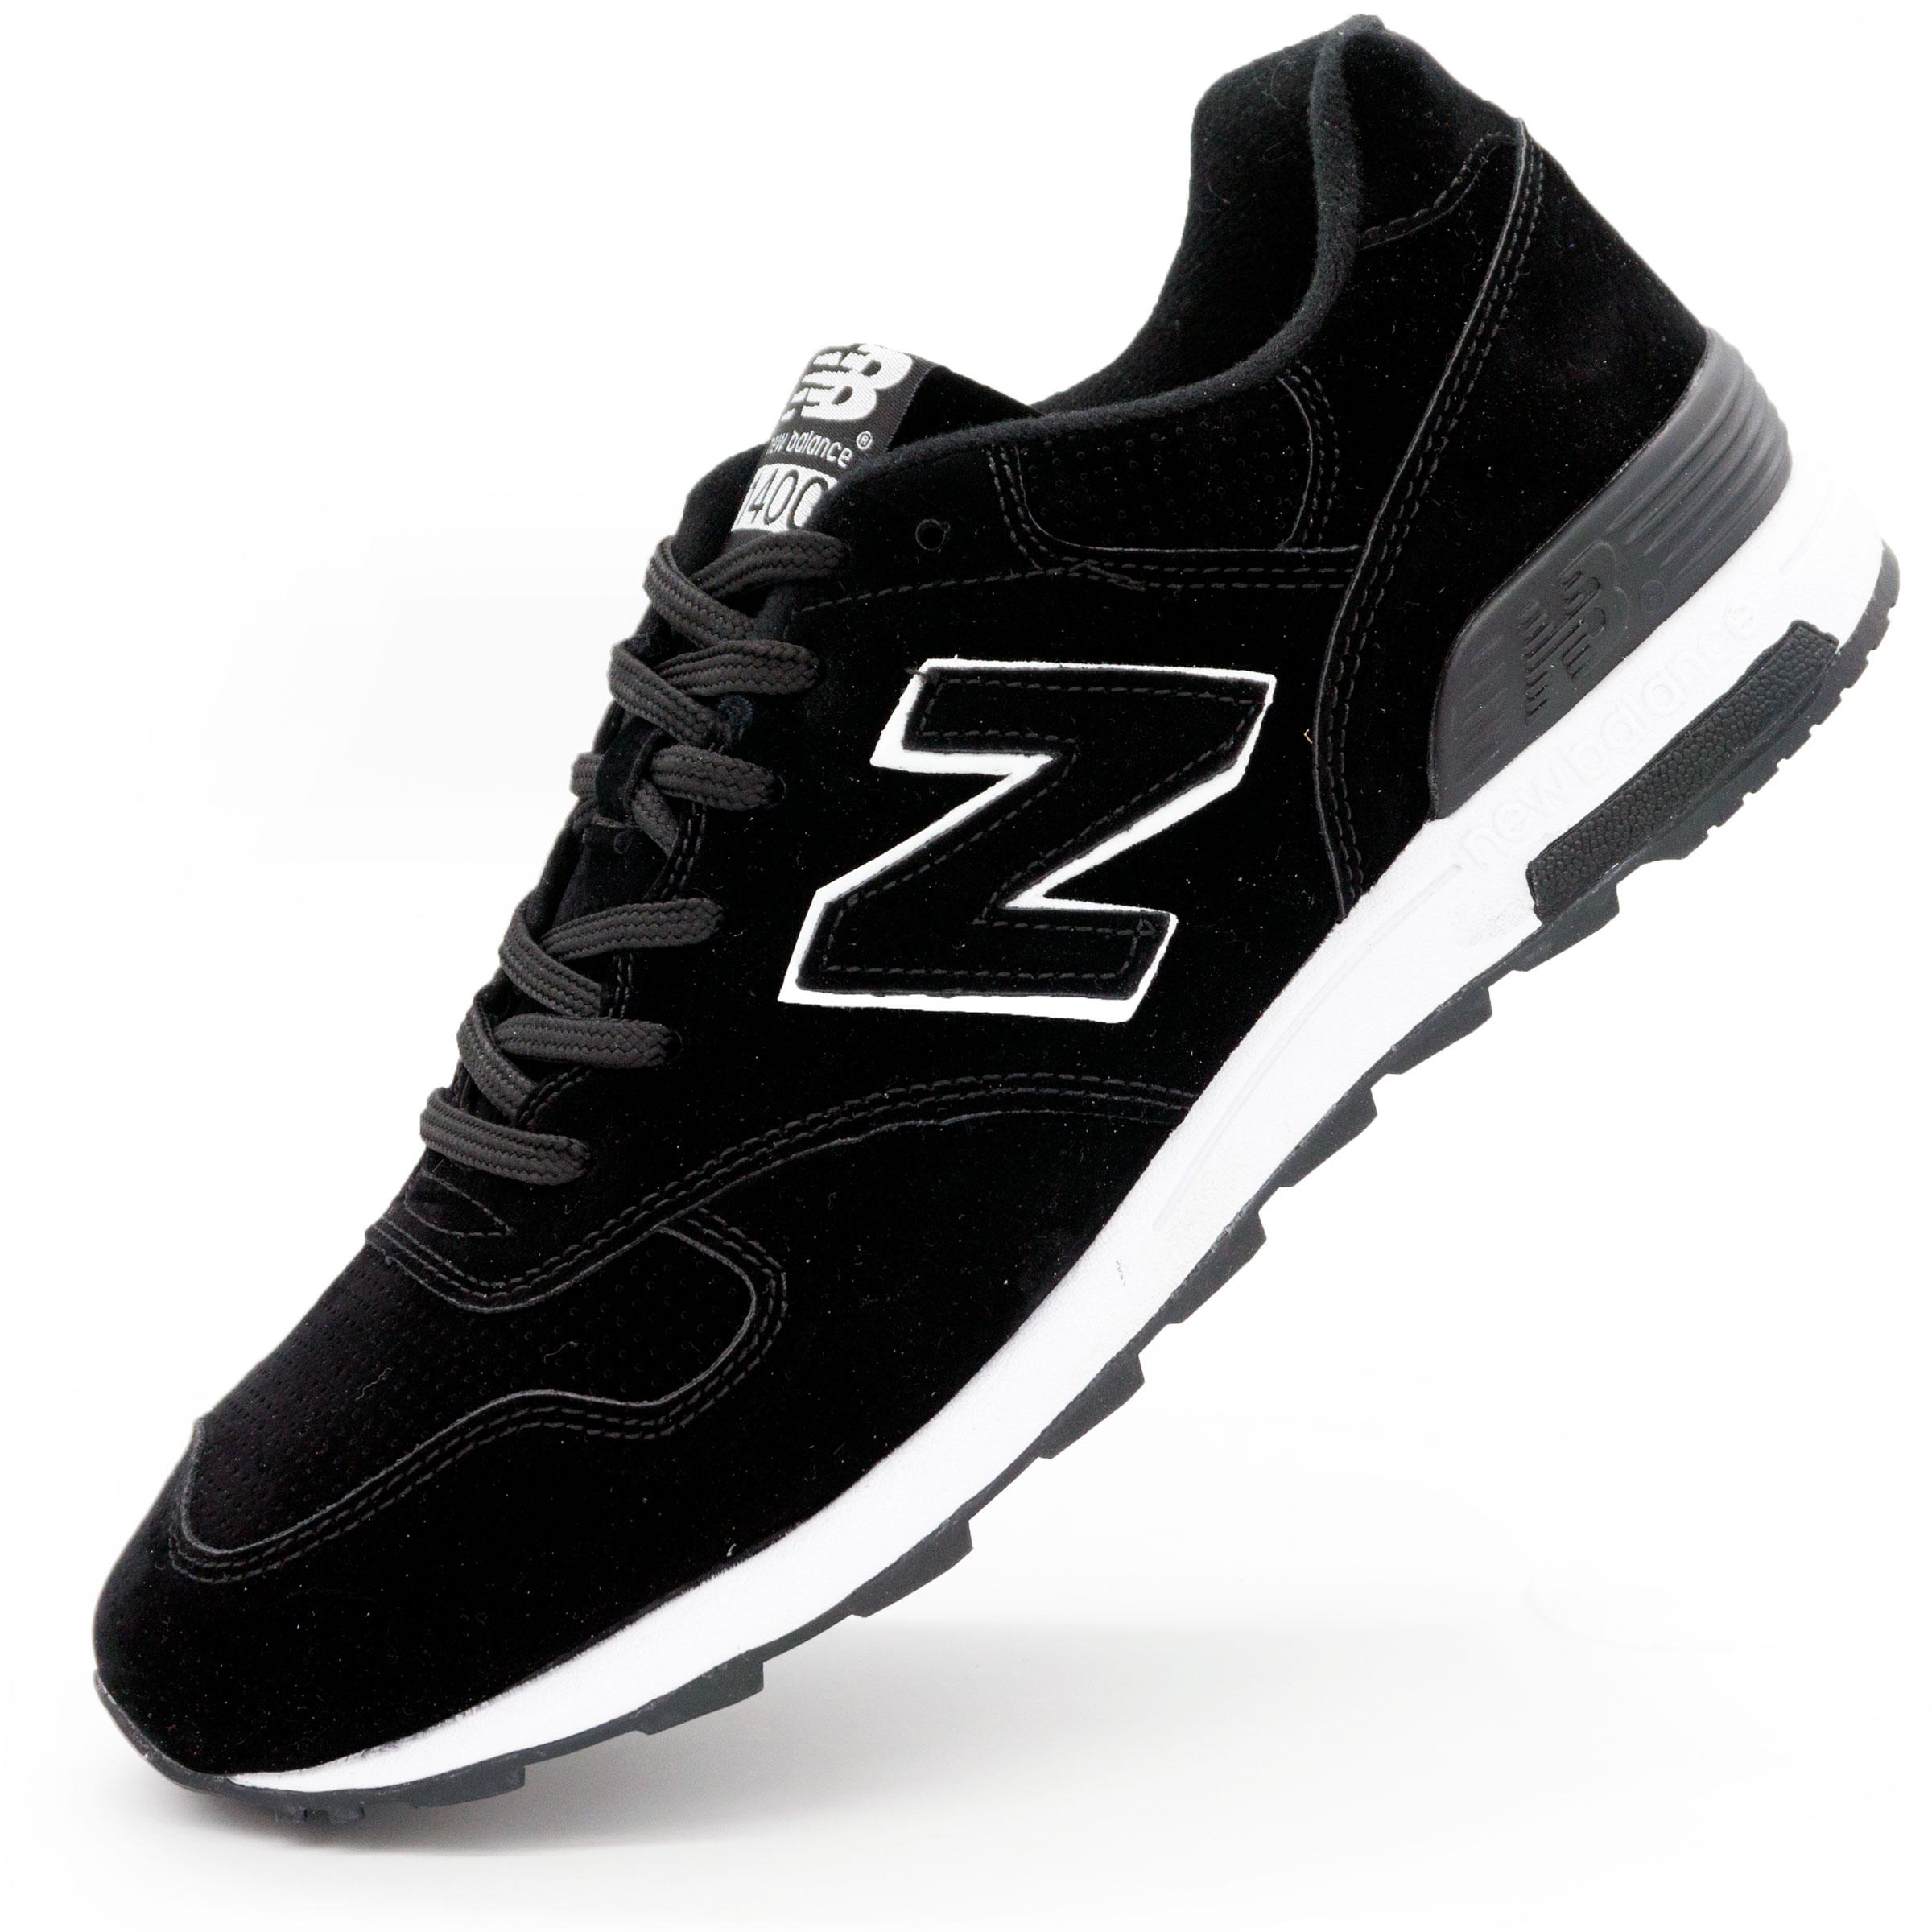 0a65e628a Мужские кроссовки New Balance 1400 черные, купить New Balance 1400 в ...